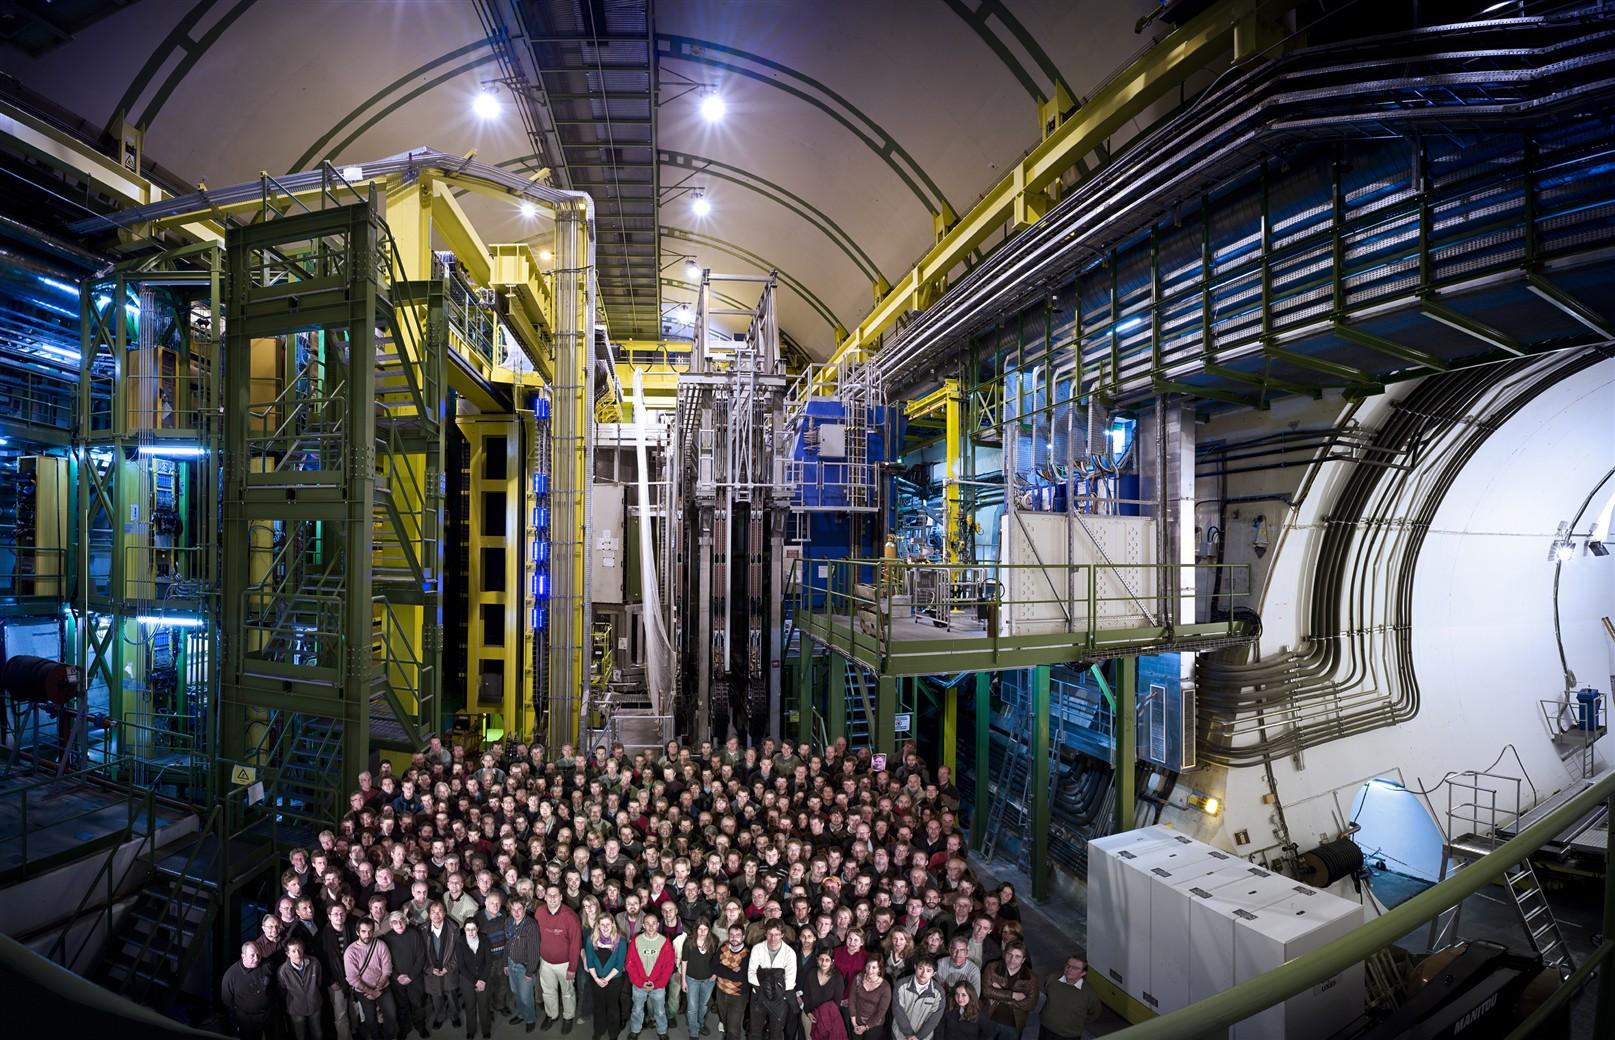 La collaborazione LHCb nel 2008. Credit: collaborazione LHCb.